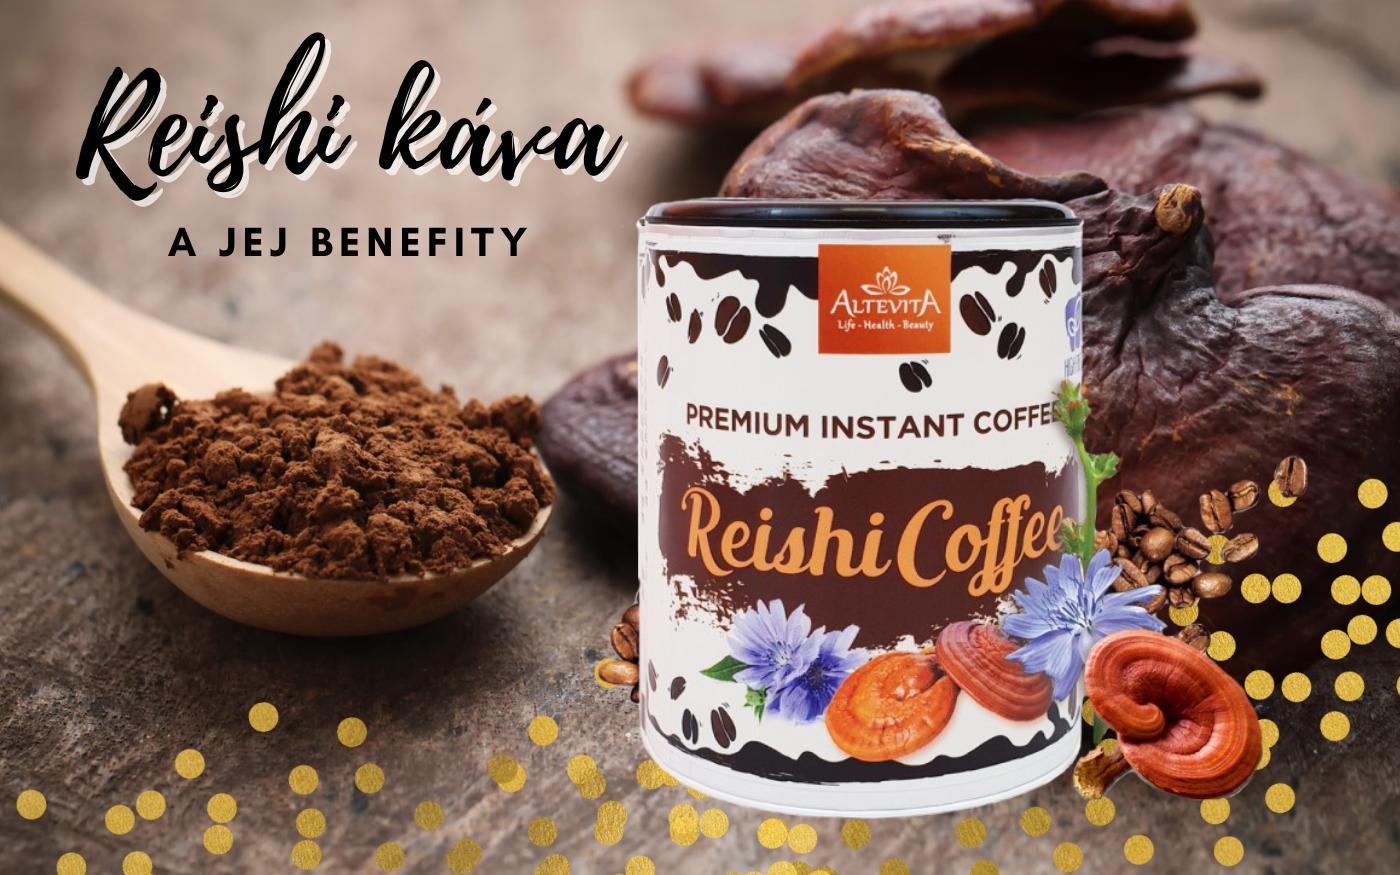 Reishi káva - a jej benefity